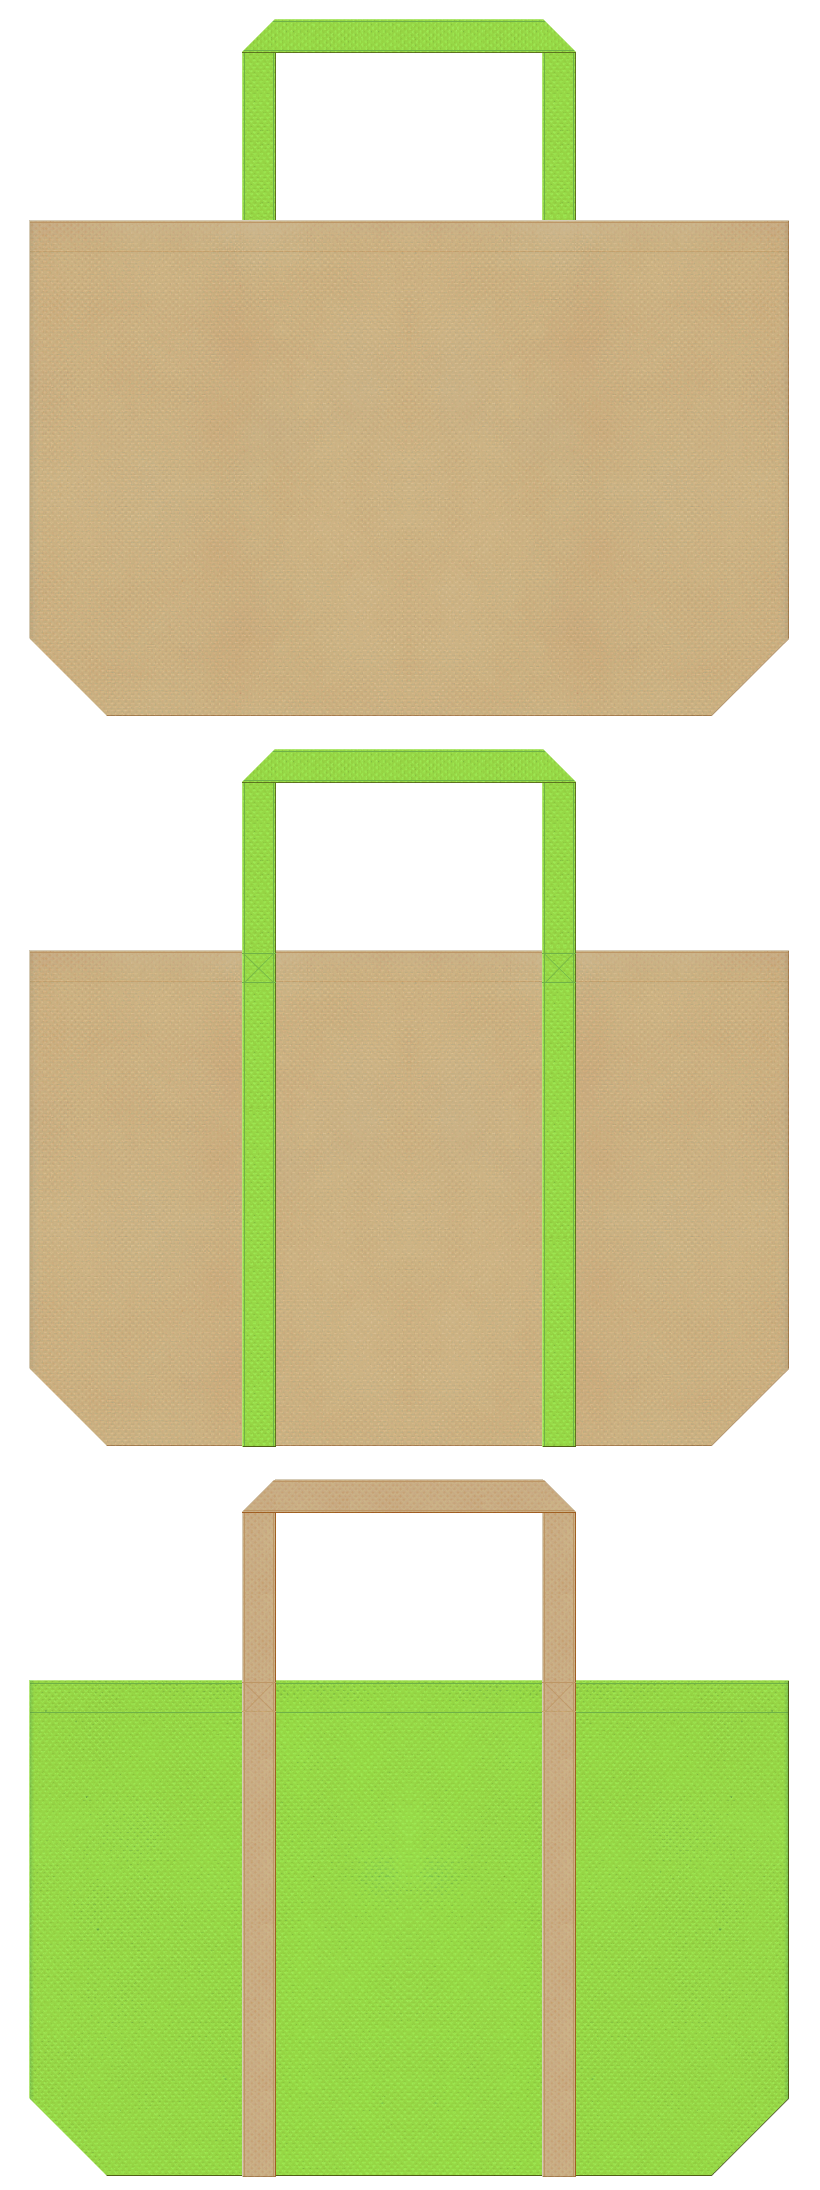 野菜・農業・キウイフルーツ・牧場・園芸用品・産直市場のショッピングバッグにお奨めの不織布バッグデザイン:カーキ色と黄緑色のコーデ